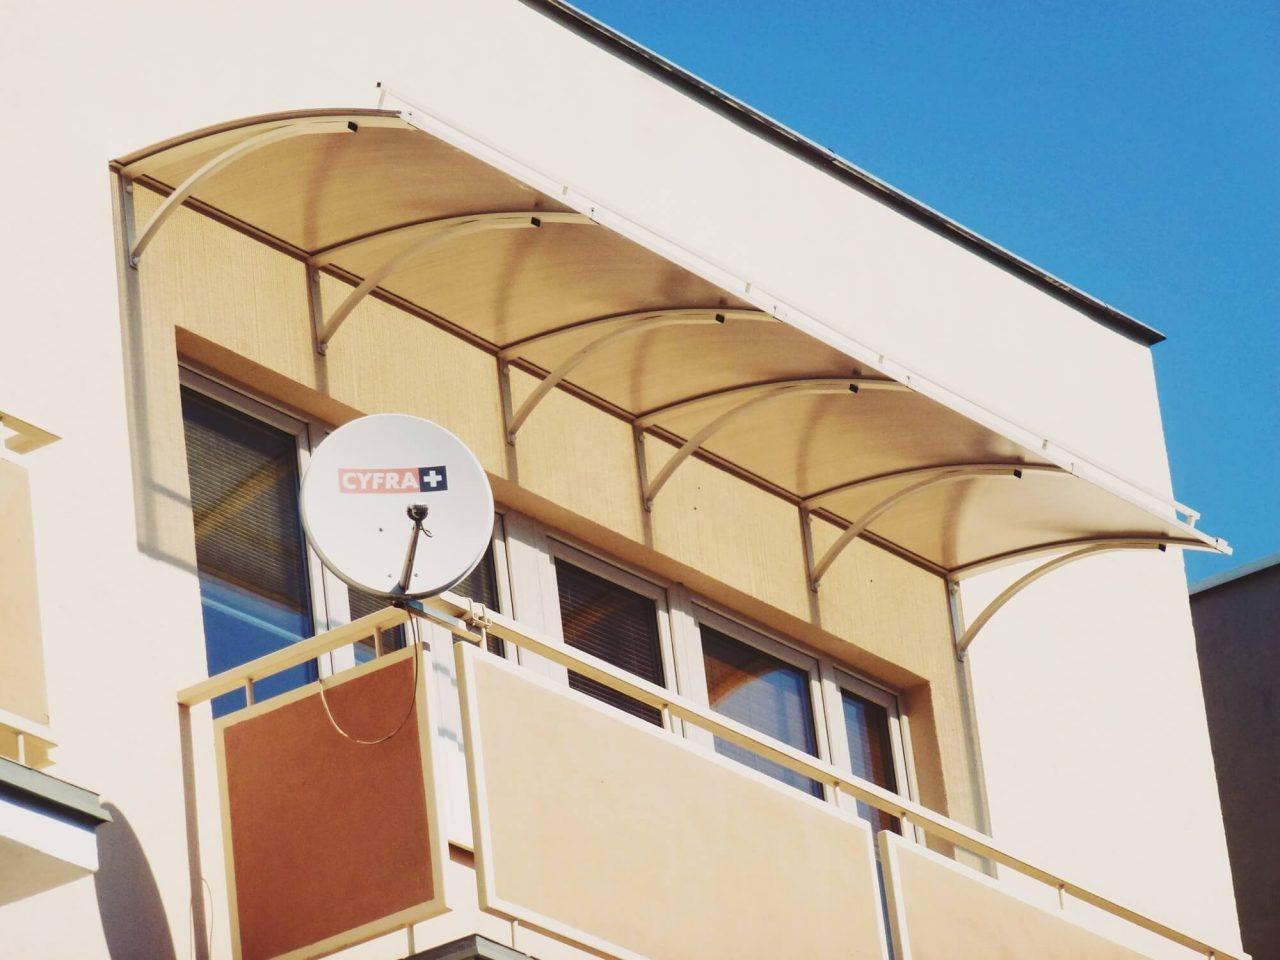 daszki-balkonowe-4-1280x960.jpg